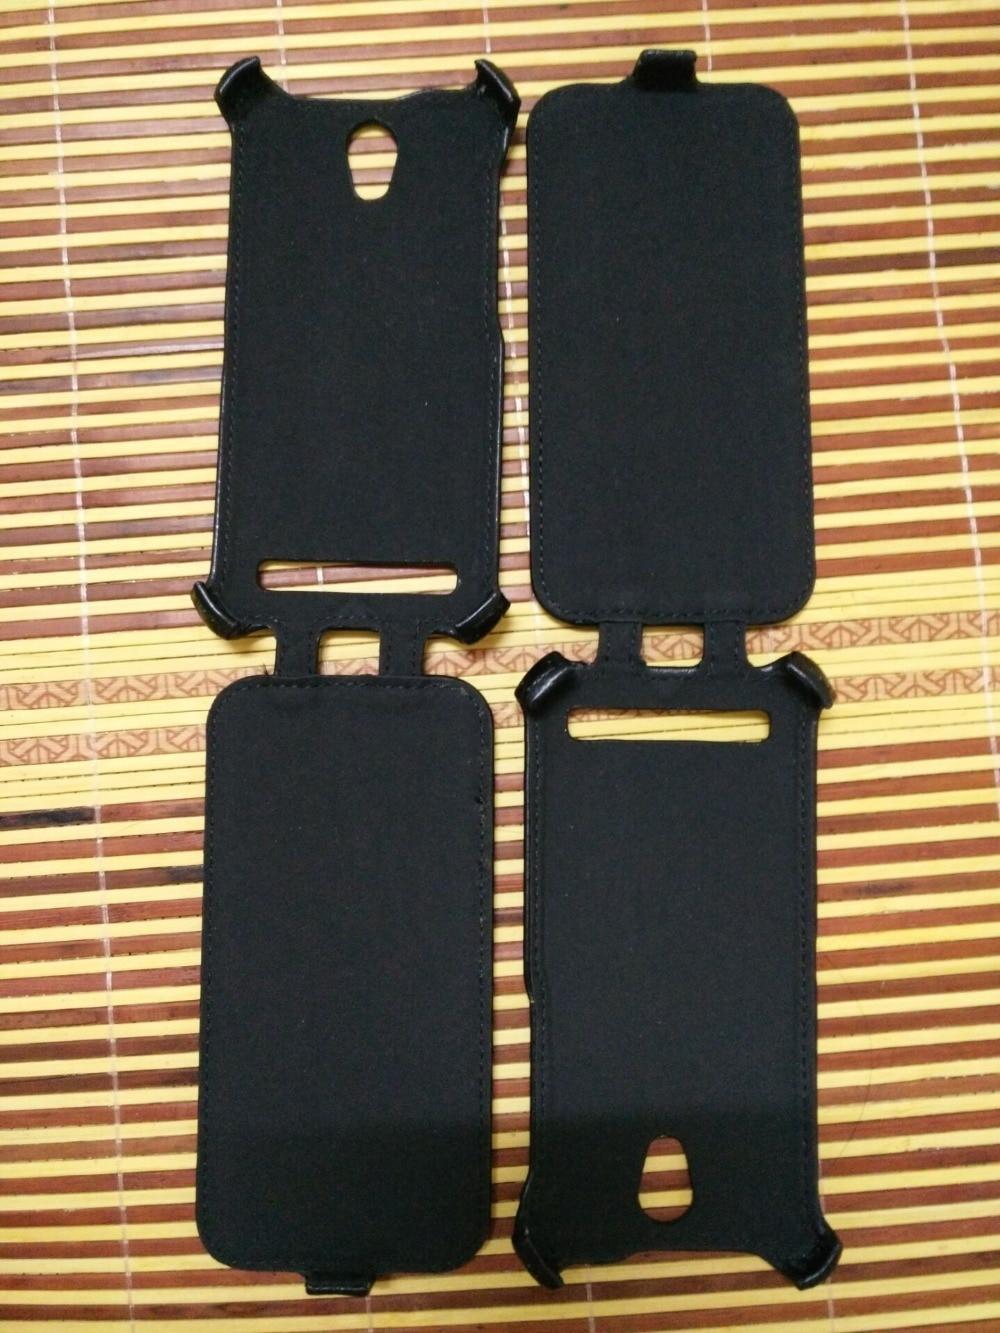 Цена за Highscreen zera S Rev. S 4.5 ультра тонкий Высокое качество Флип тепло-Установка чехол для мобильного телефона вверх и вниз крышка